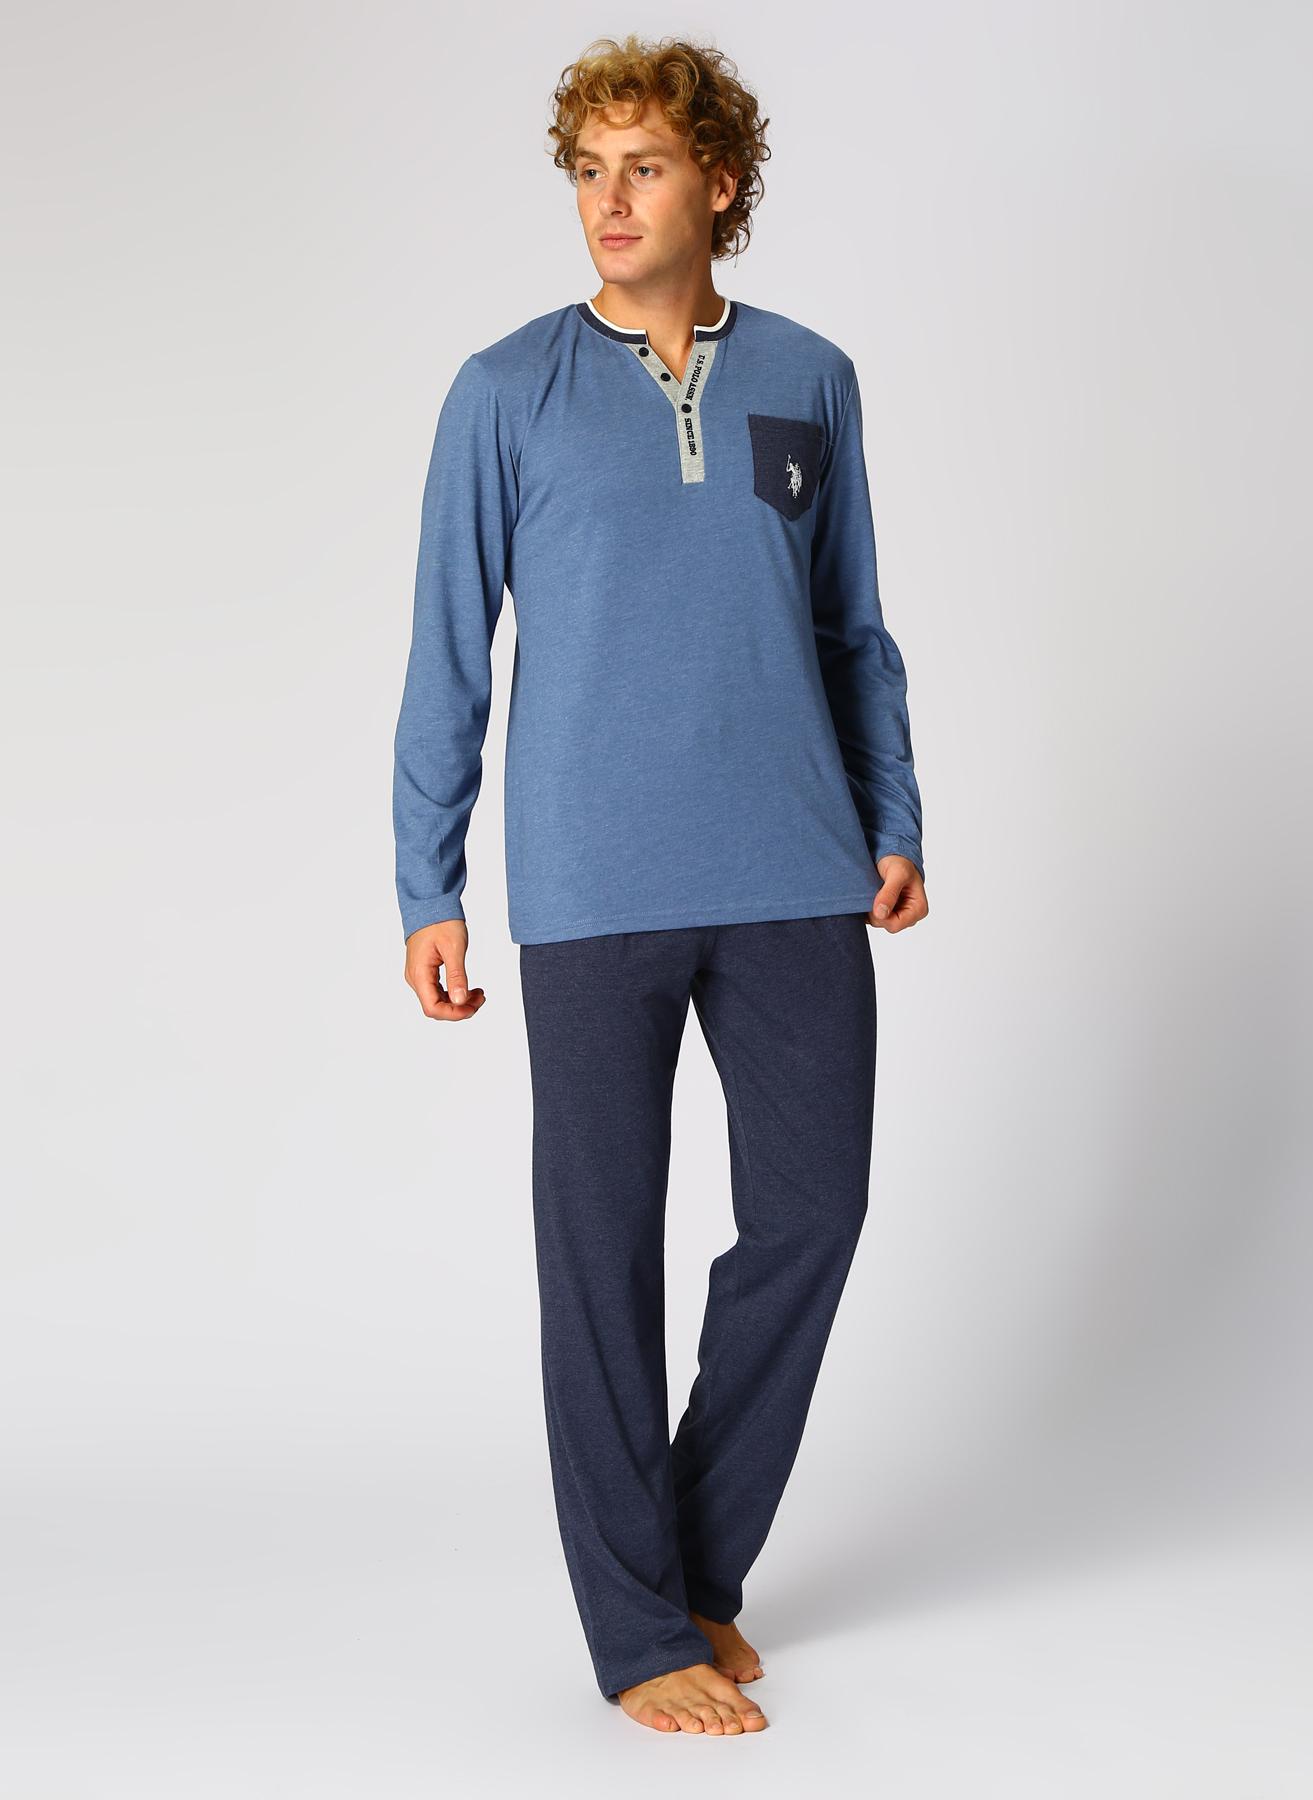 U.S. Polo Assn. Pijama Takımı 2XL 5002327486001 Ürün Resmi